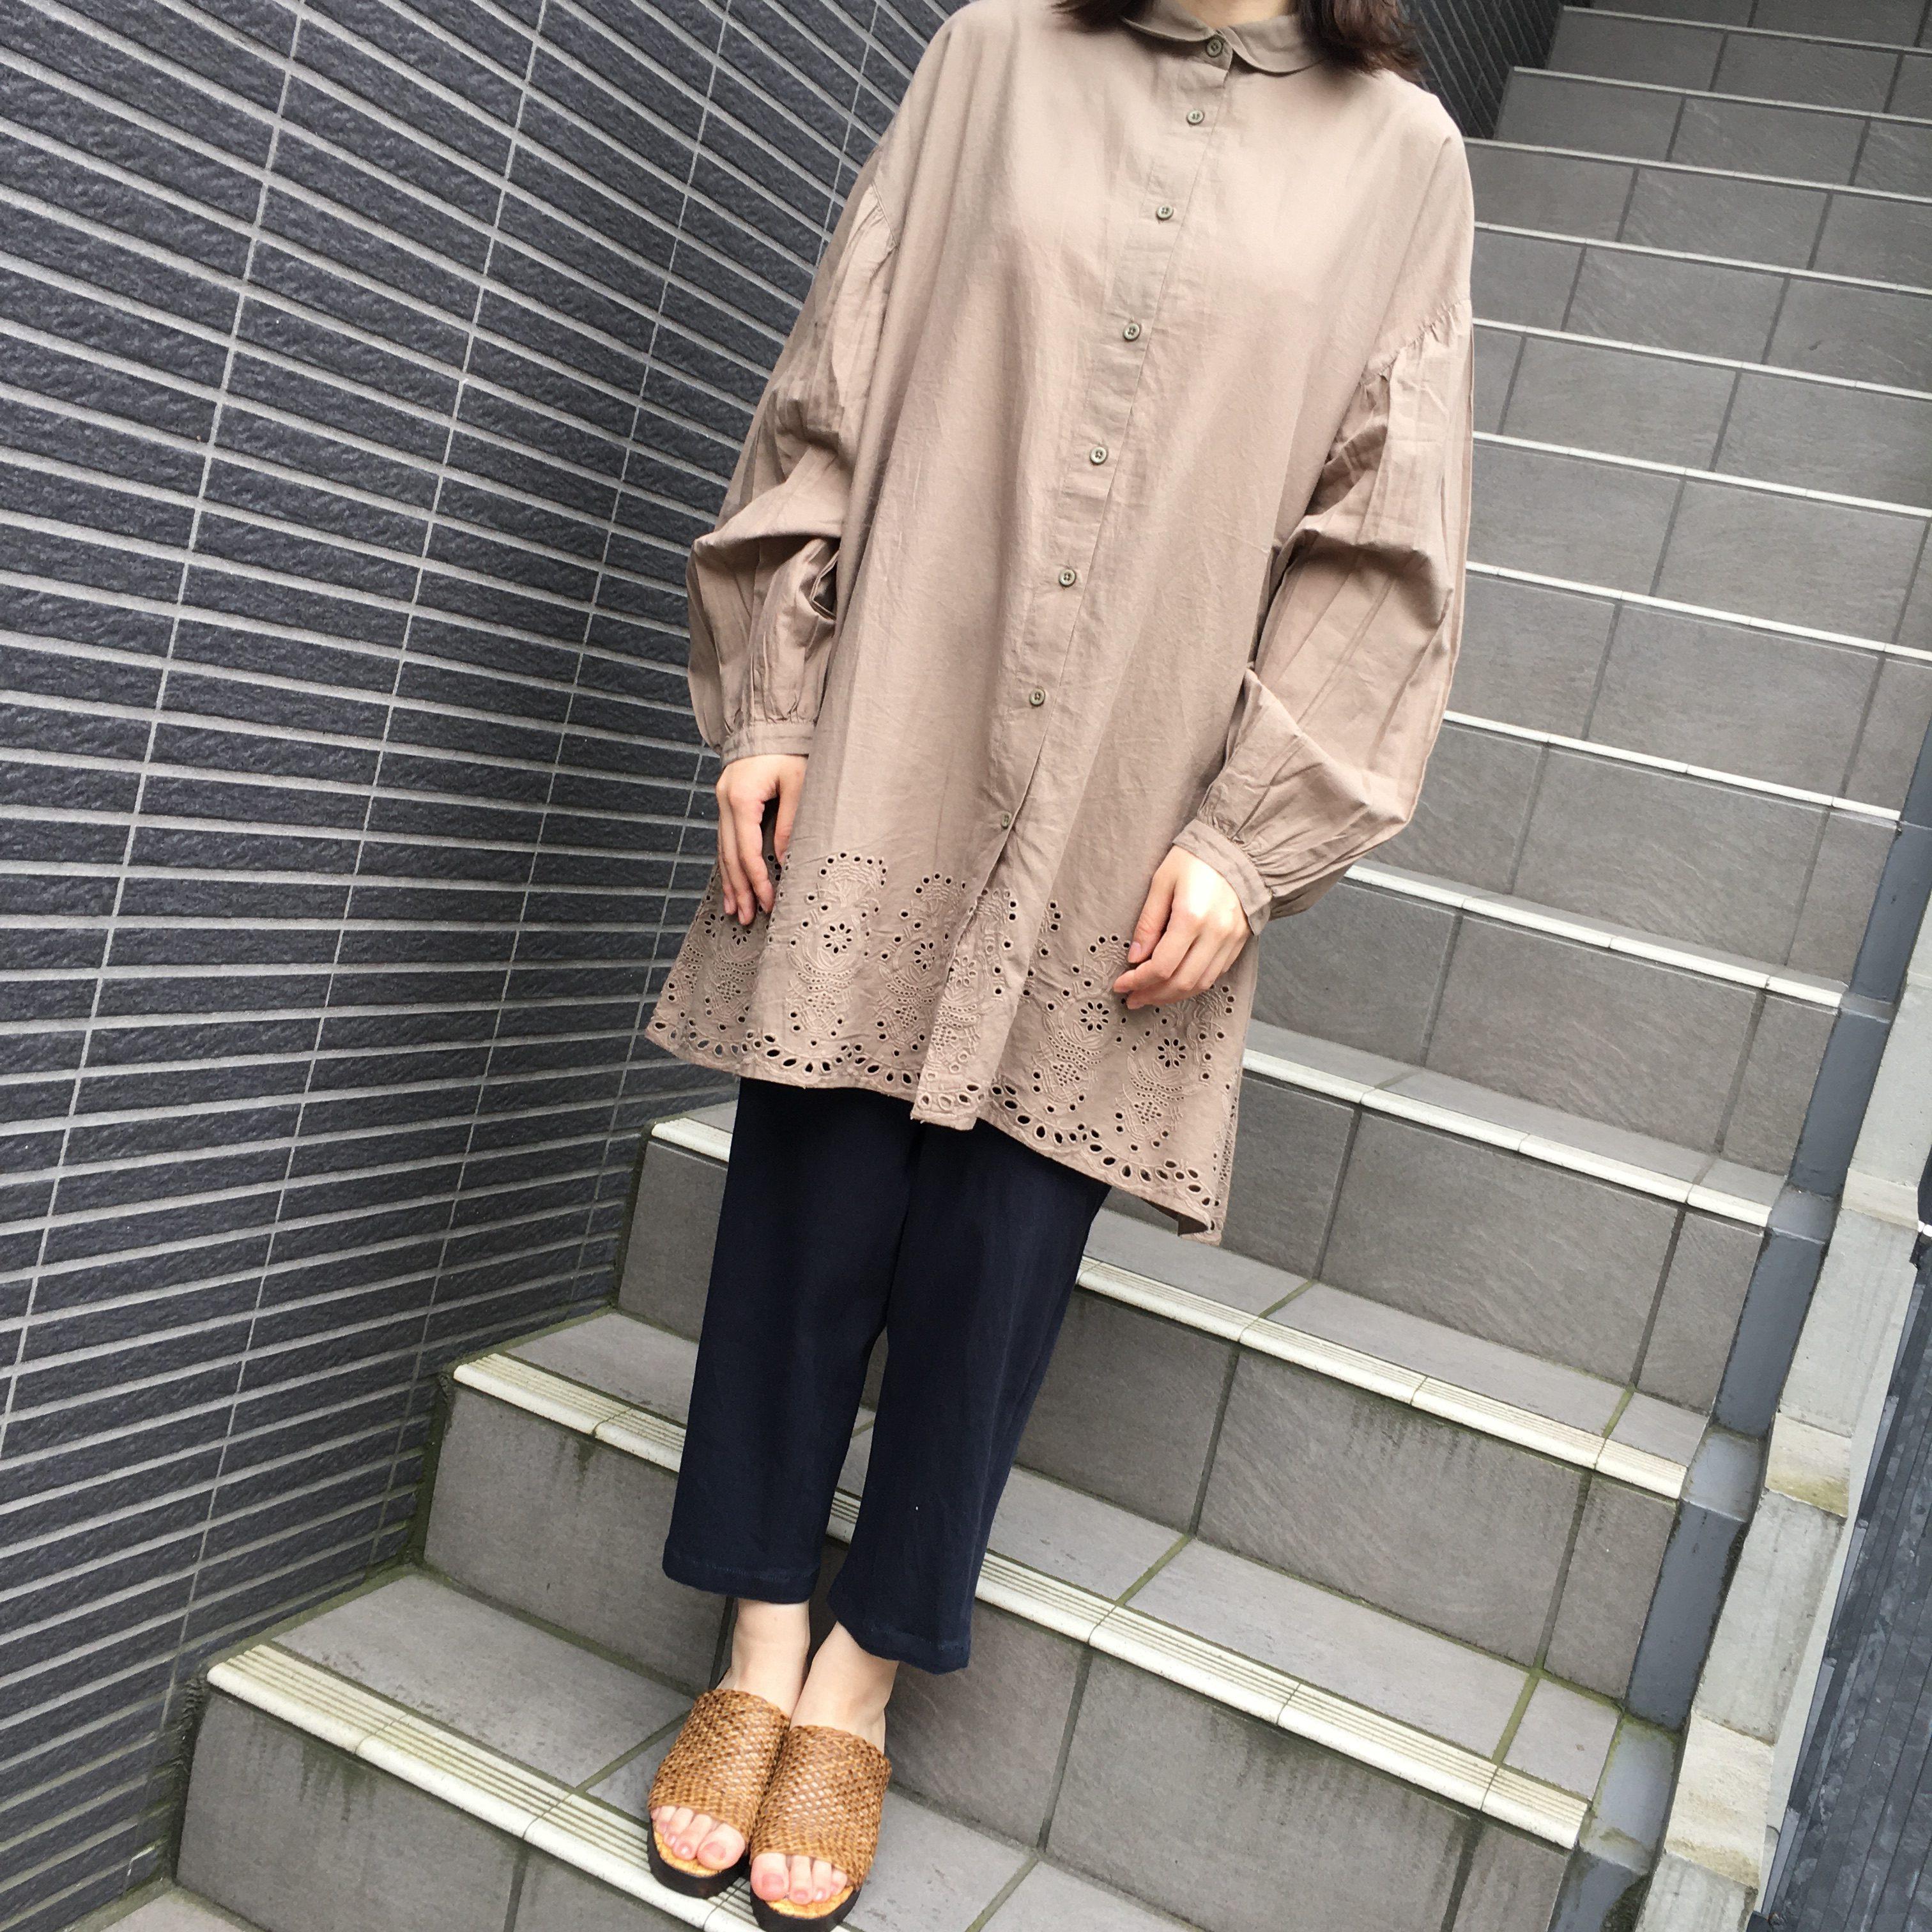 裾刺繍入り前開きチュニック<br /> ¥2900+税